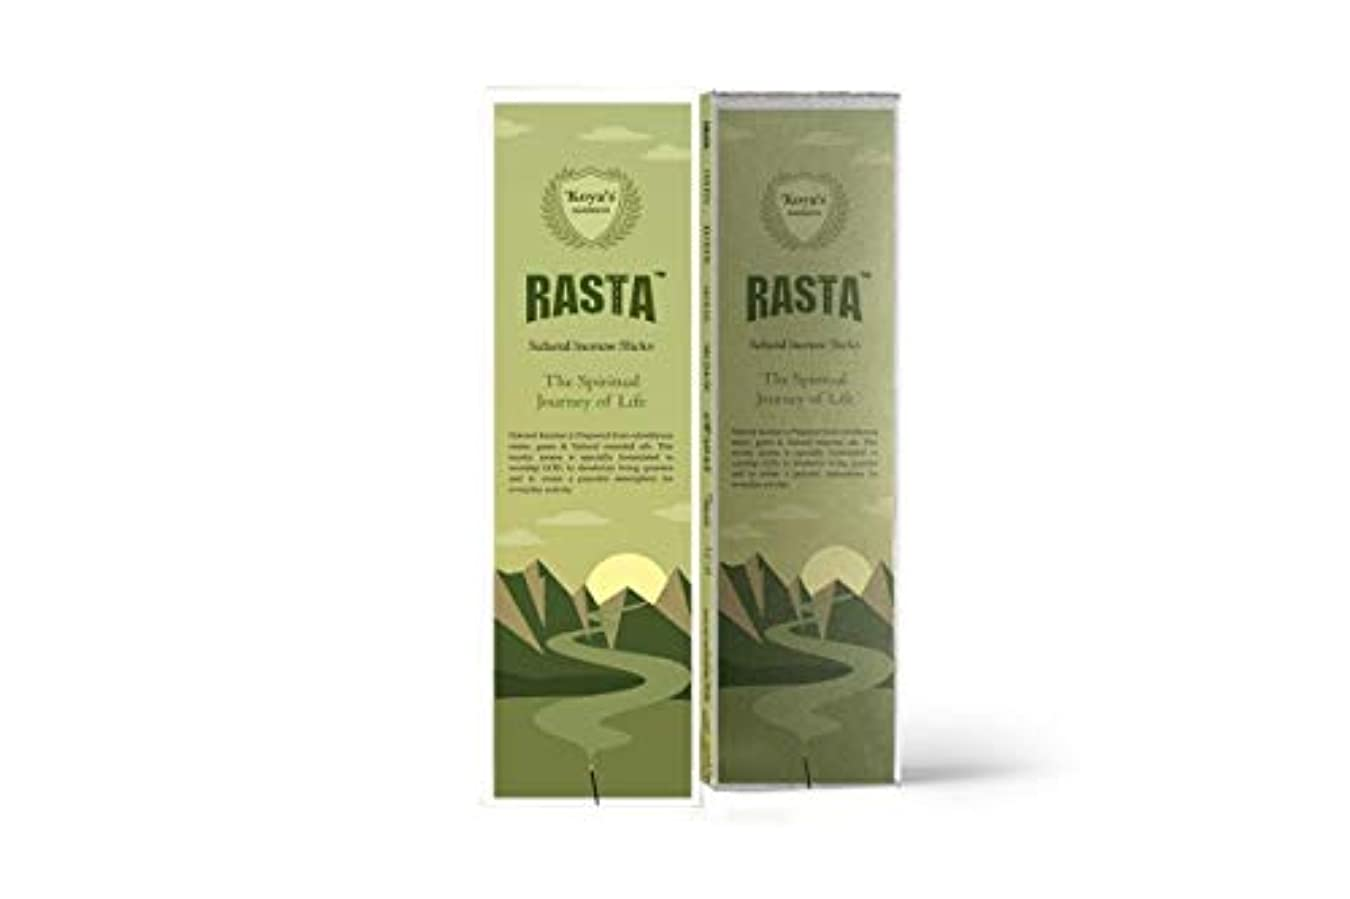 非互換爆発皮肉koya's Rasta Premium Incense Sticks Pack of-5